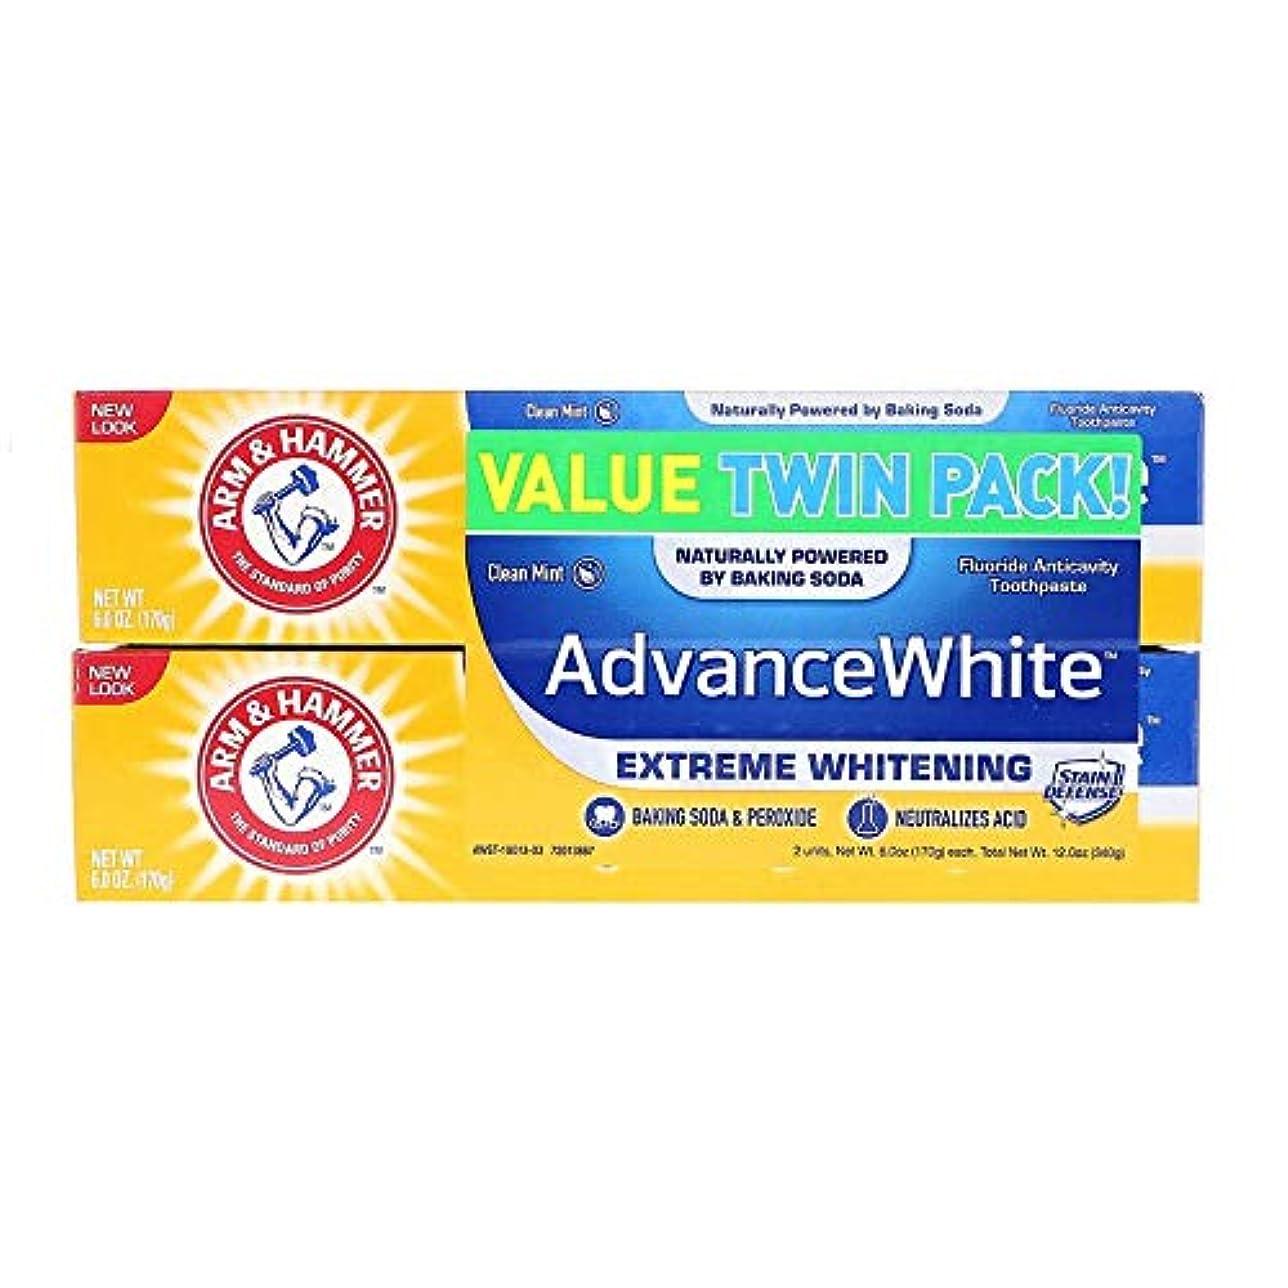 意欲インタネットを見る困ったArm & Hammer アーム&ハマー アドバンス ホワイト 歯磨き粉 8個パック Toothpaste with Baking Soda & Peroxide